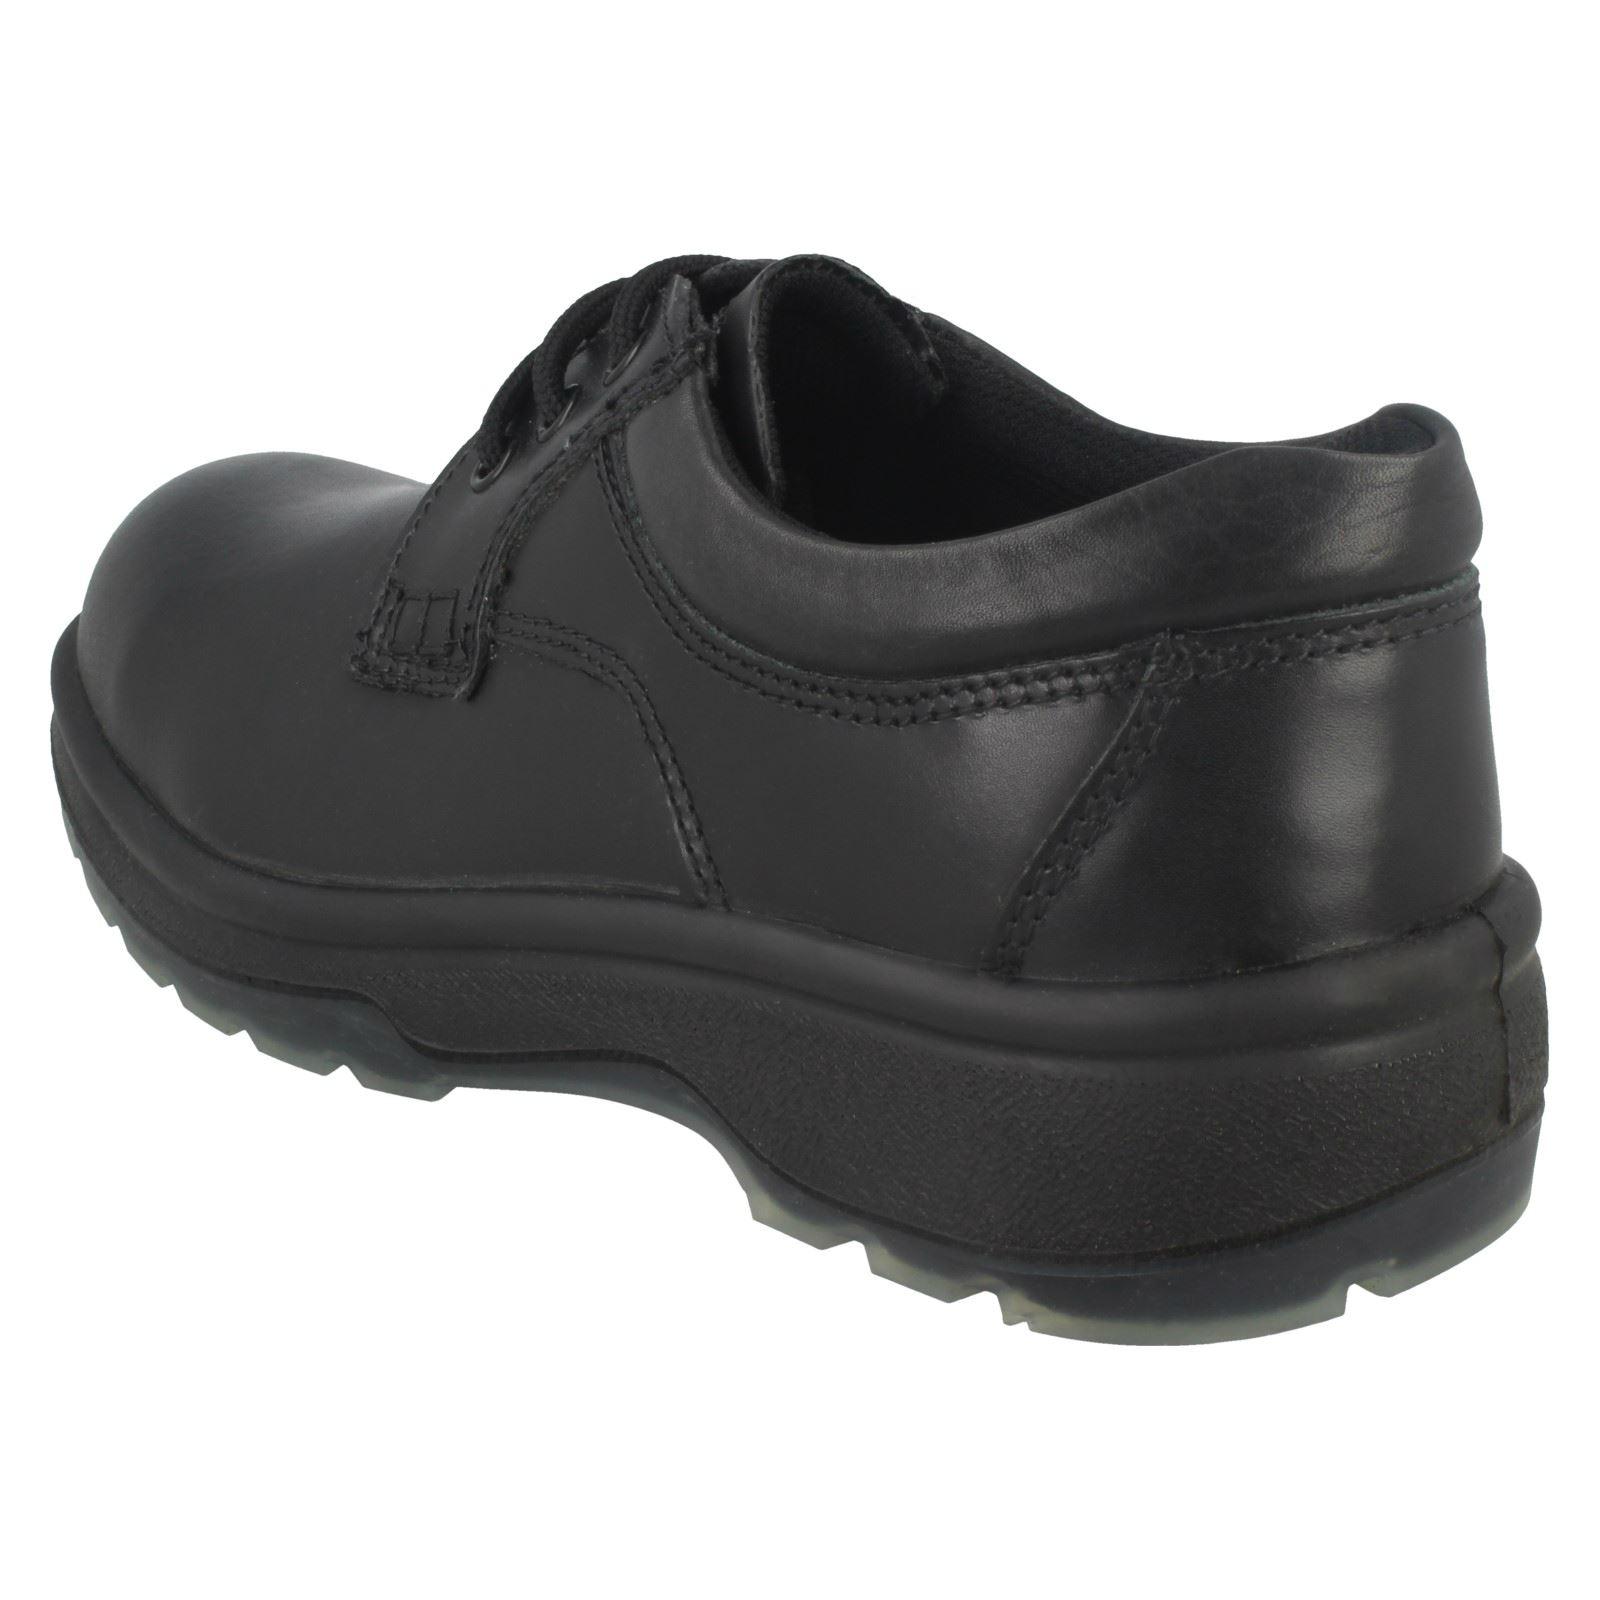 Chaussures Black de Toe Totectors Steel hommes sécurité Cap 1010 pour wOPqrzpRcw